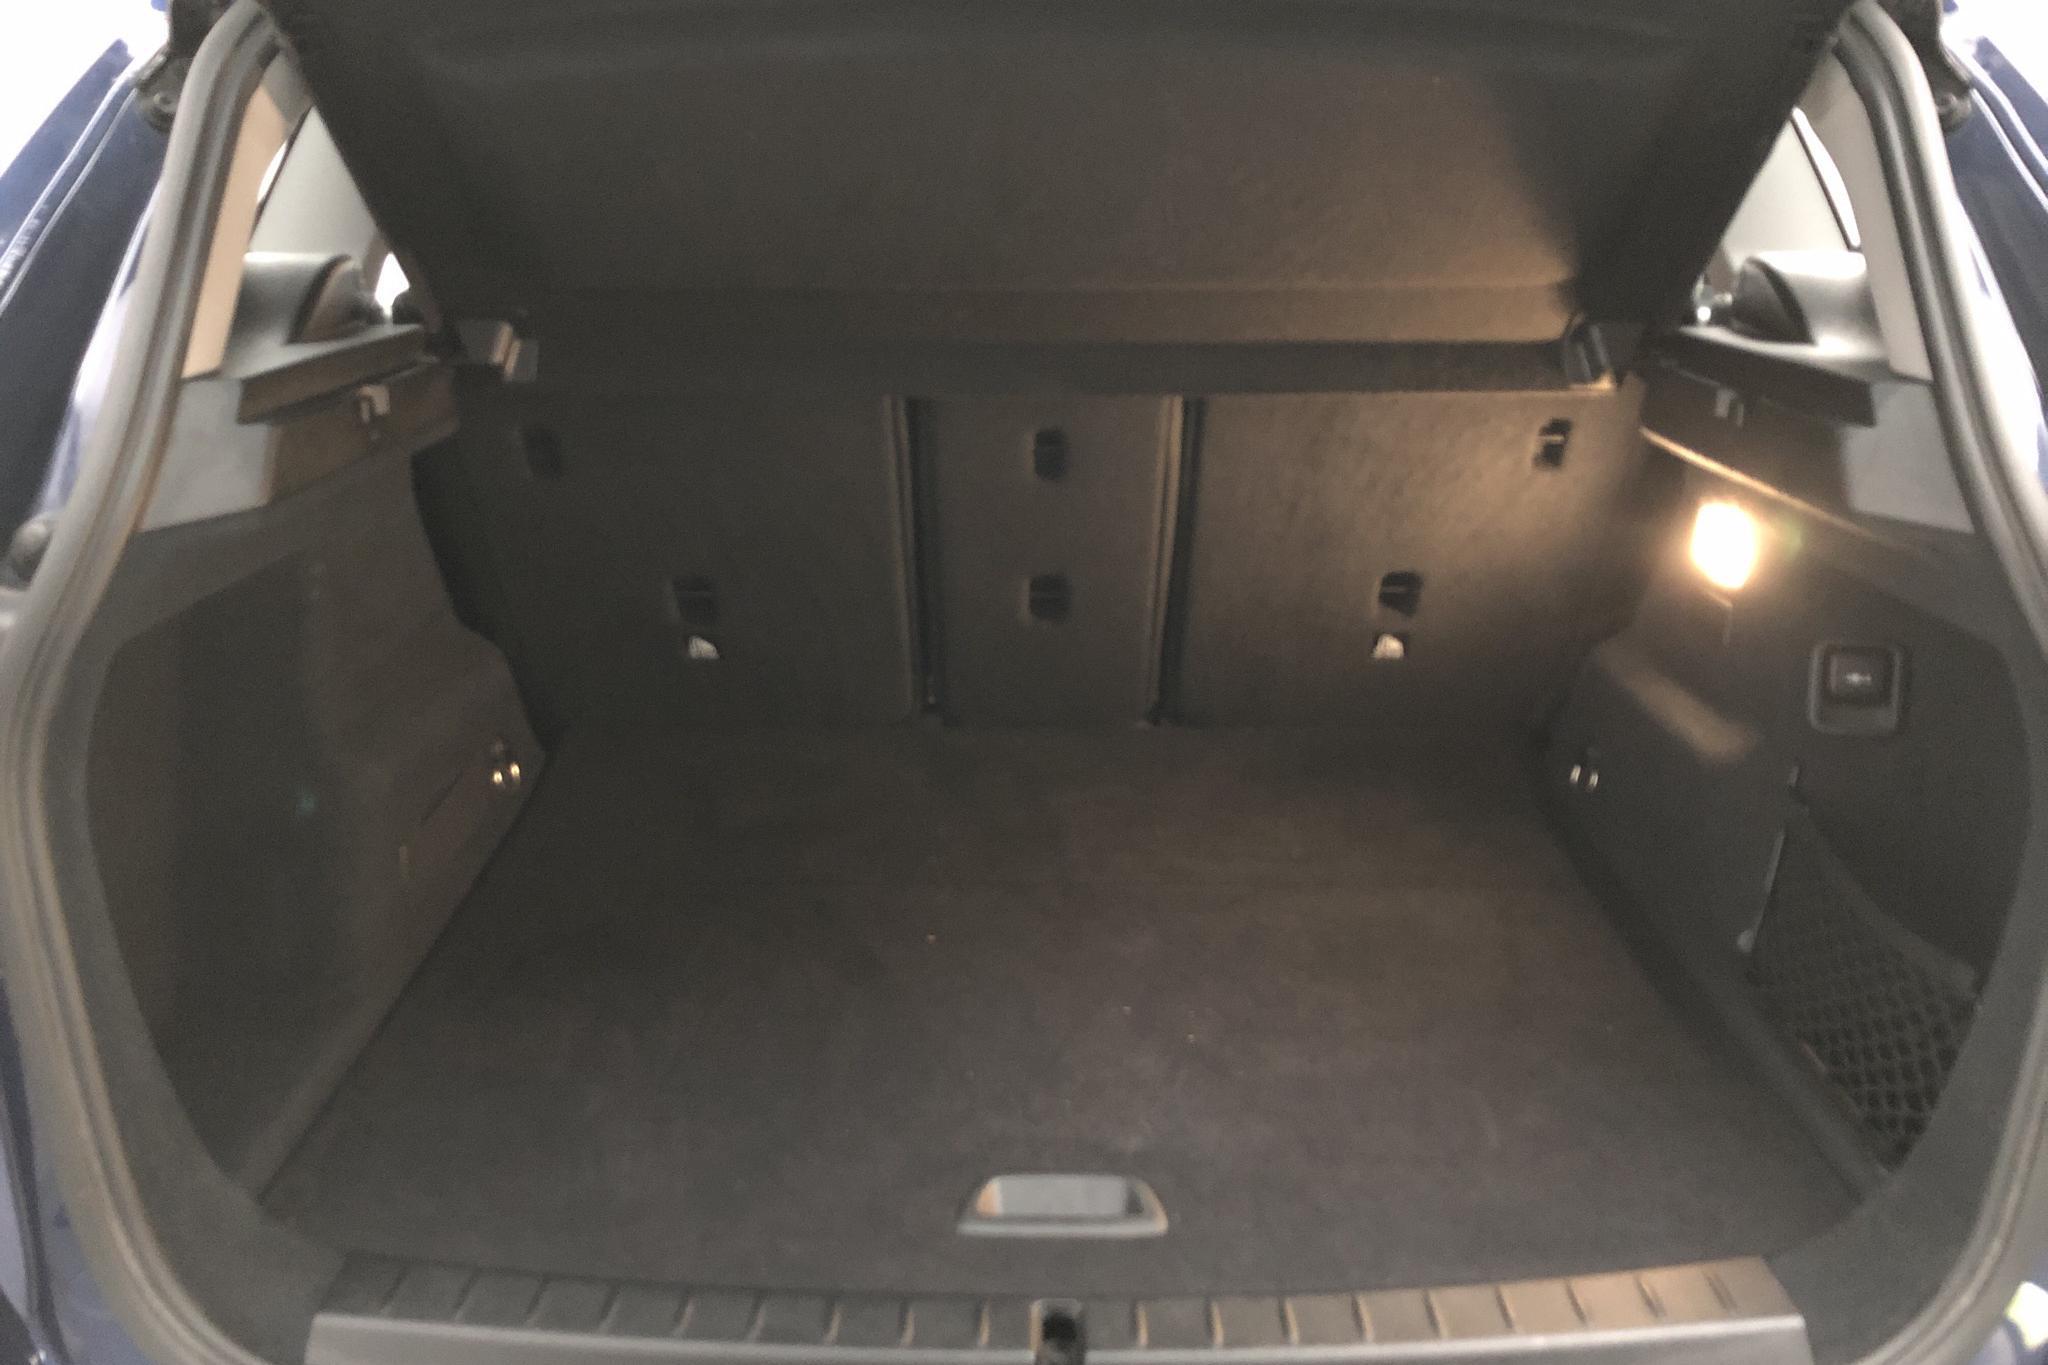 BMW 225xe Active Tourer, F45 (224hk) - 7 645 mil - Automat - blå - 2018